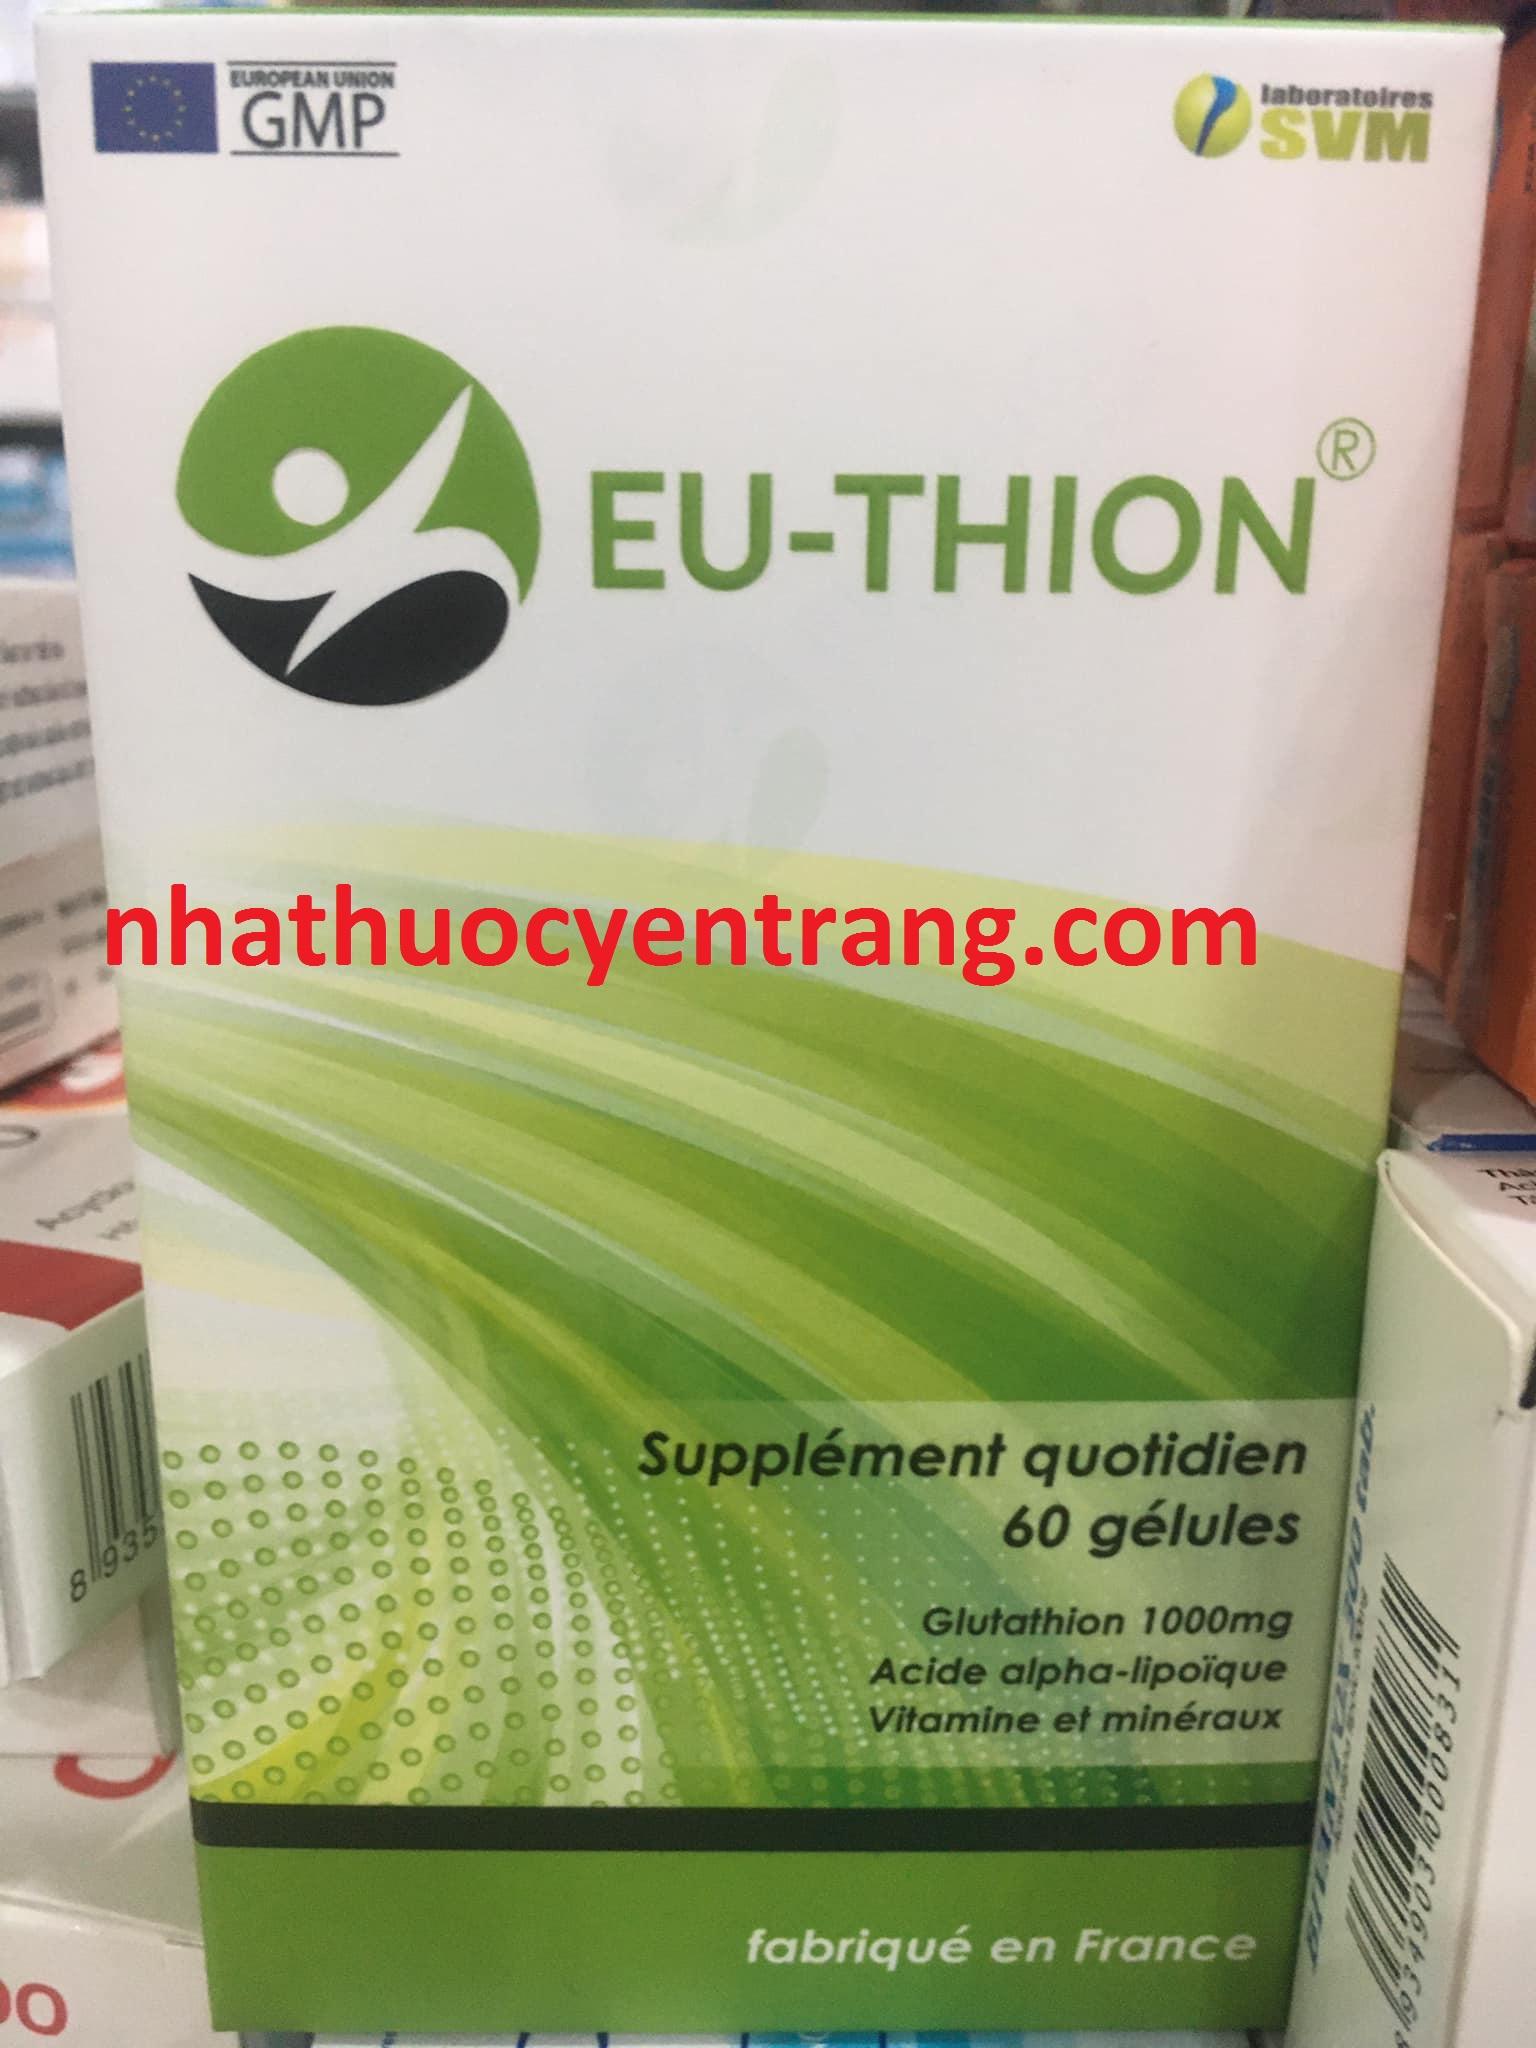 eu-thion